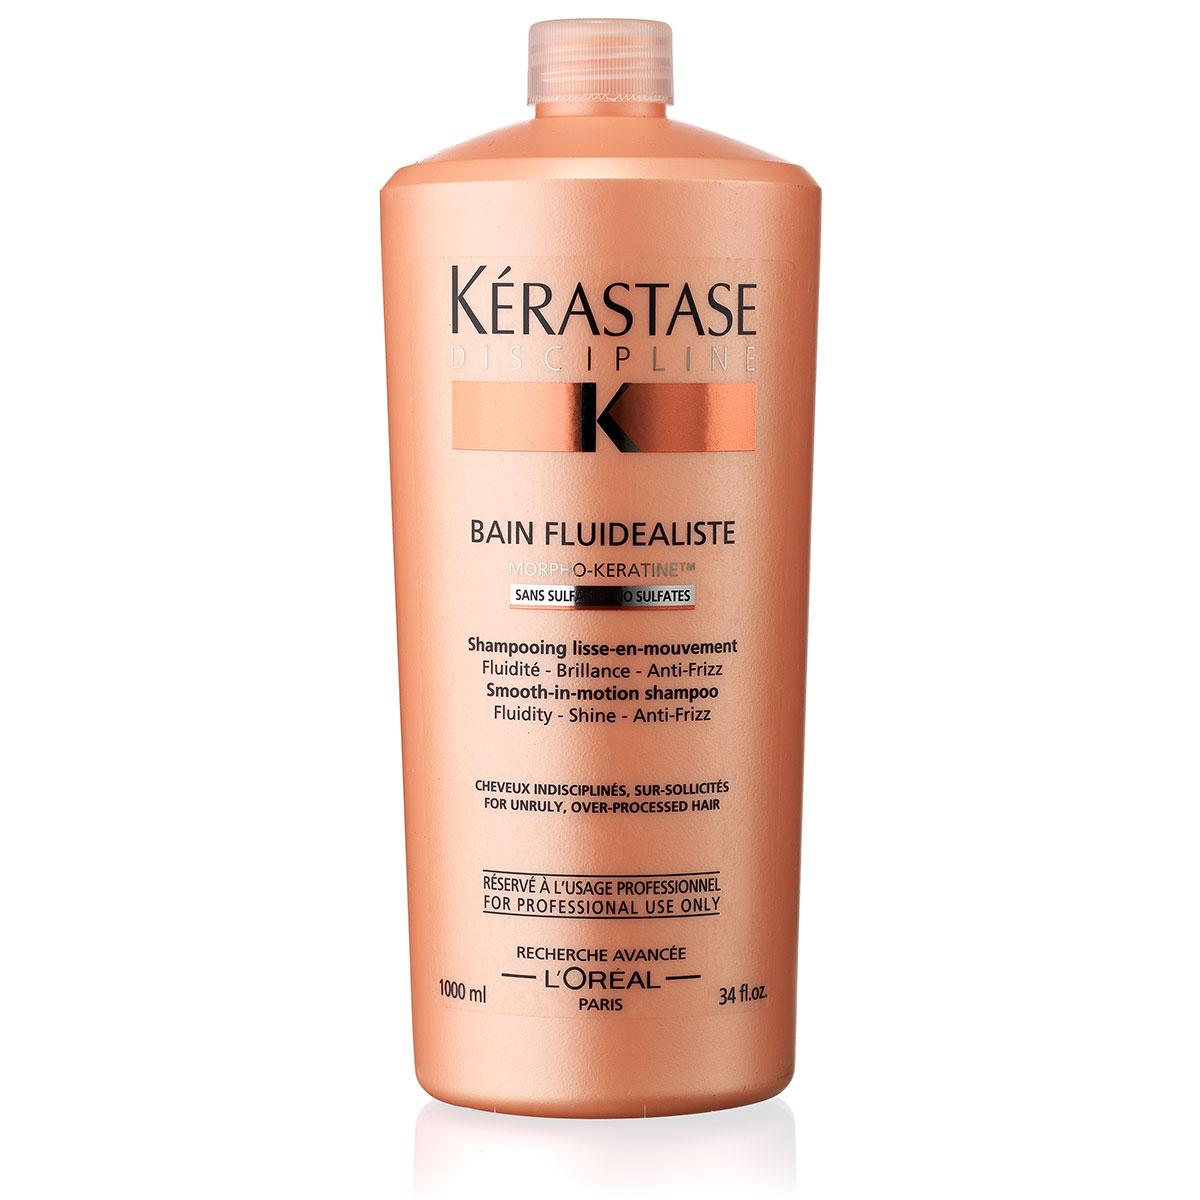 Billede af Kérastase Discipline Fluidealiste Shampoo - 1000 ml